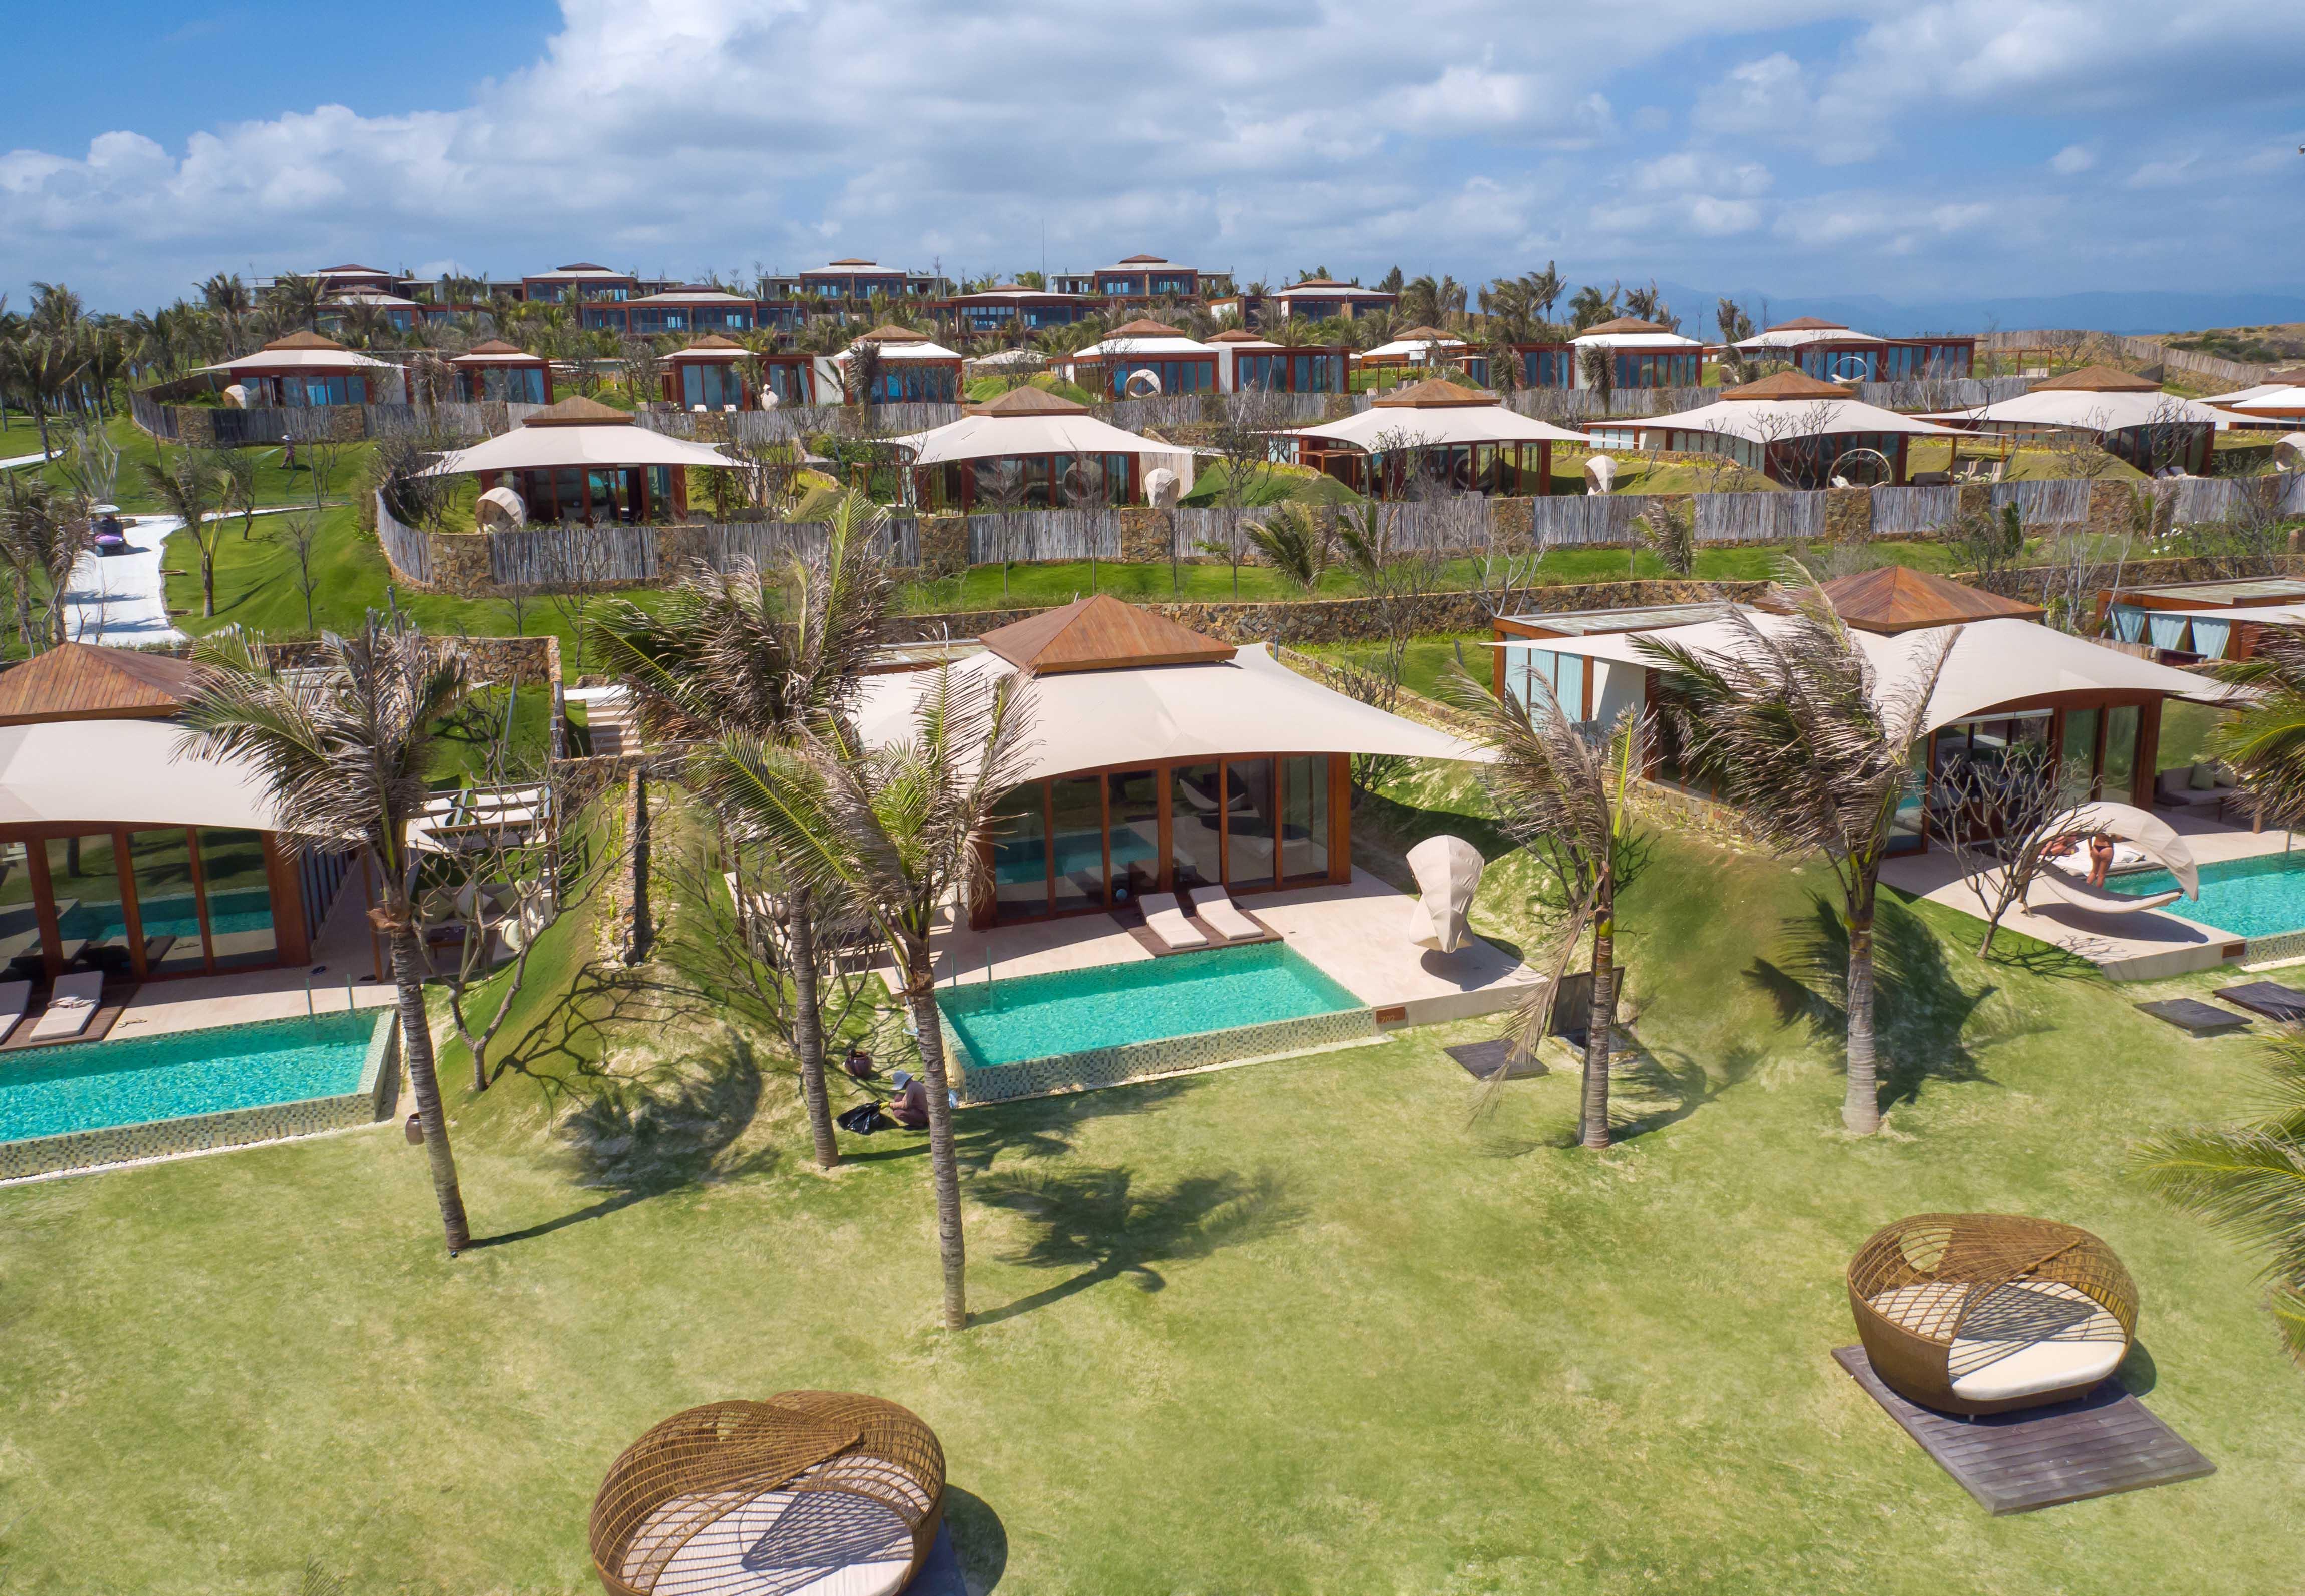 Khu nghỉ có 72 phòng suites và biệt thự nằm trải trên một quả đồ